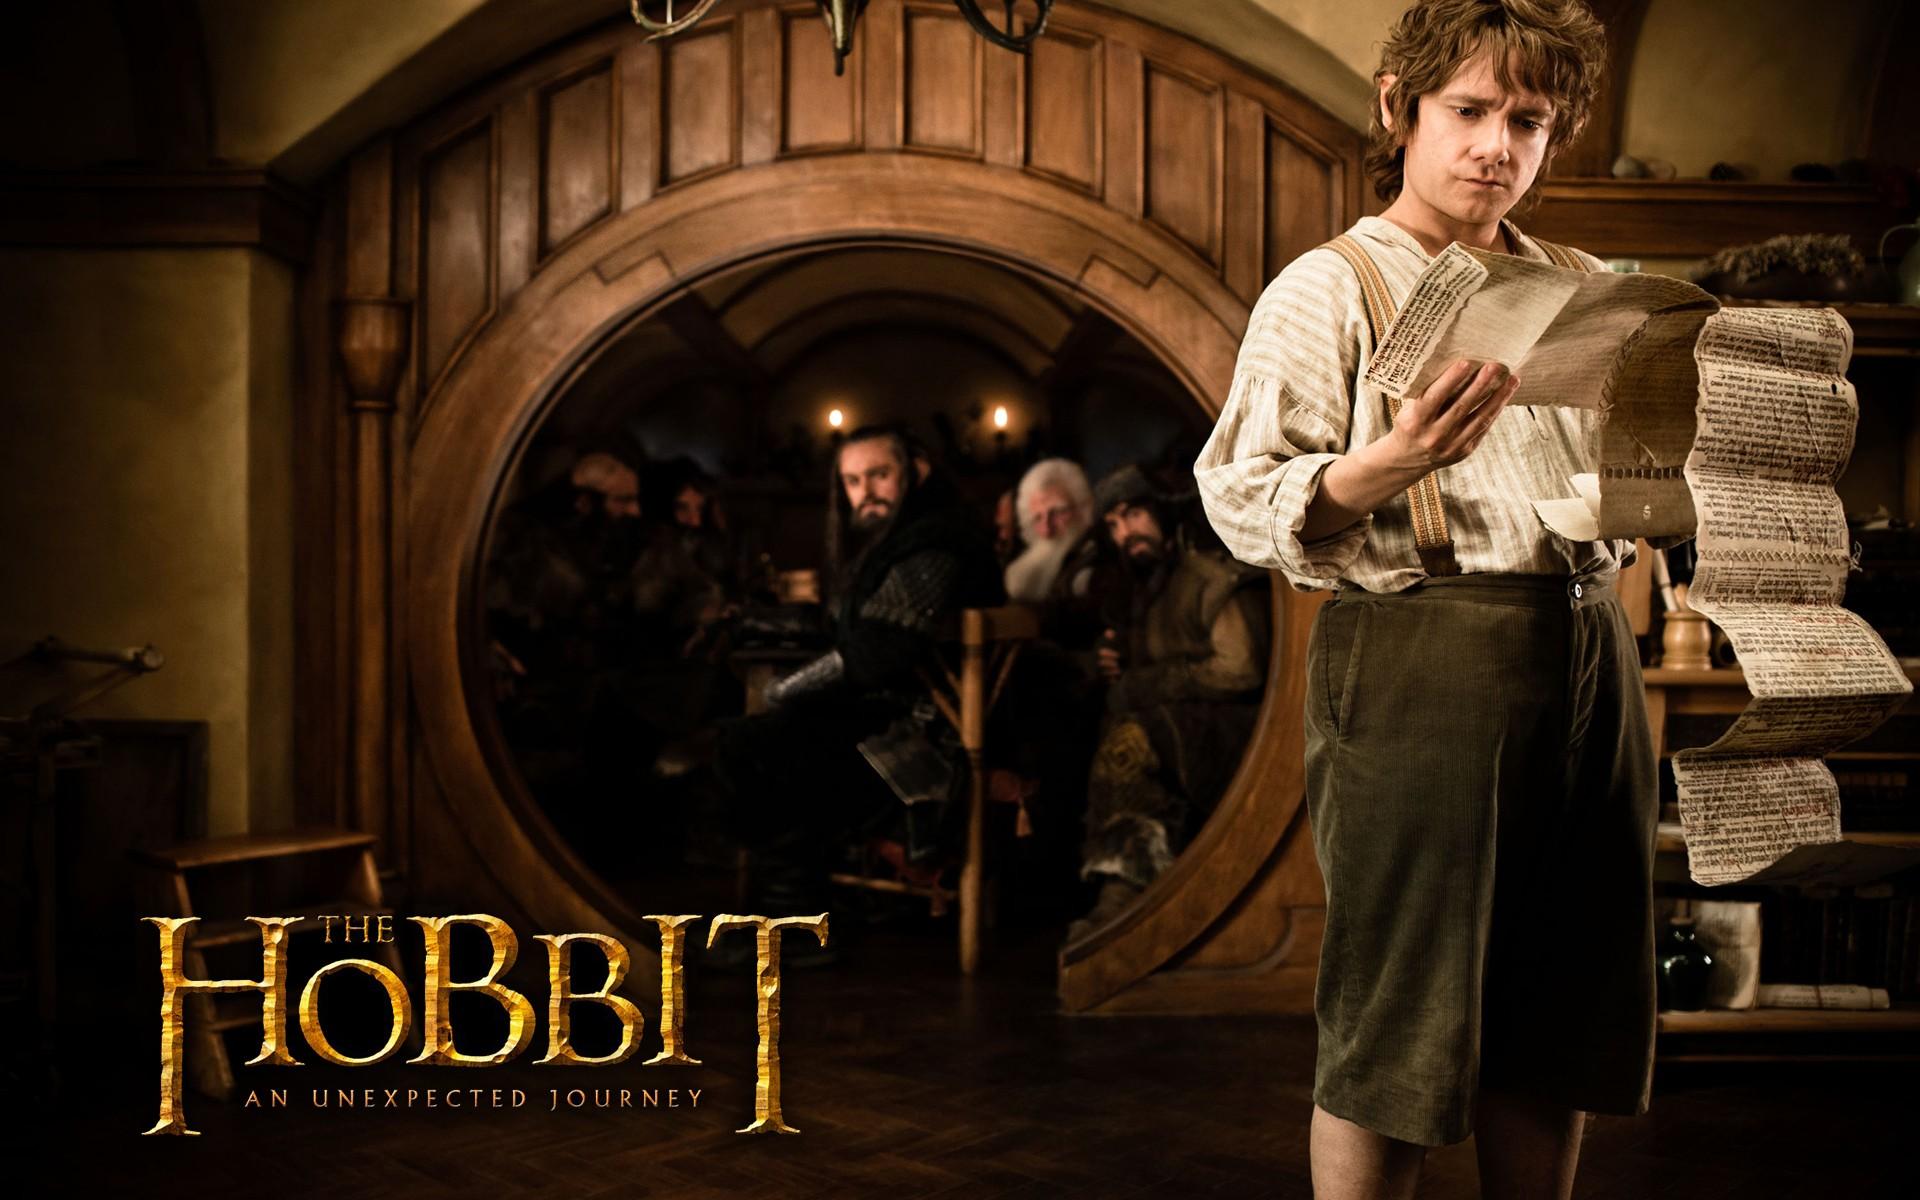 The Hobbit Wallpapers The Hobbit Myspace Backgrounds The Hobbit 1920x1200